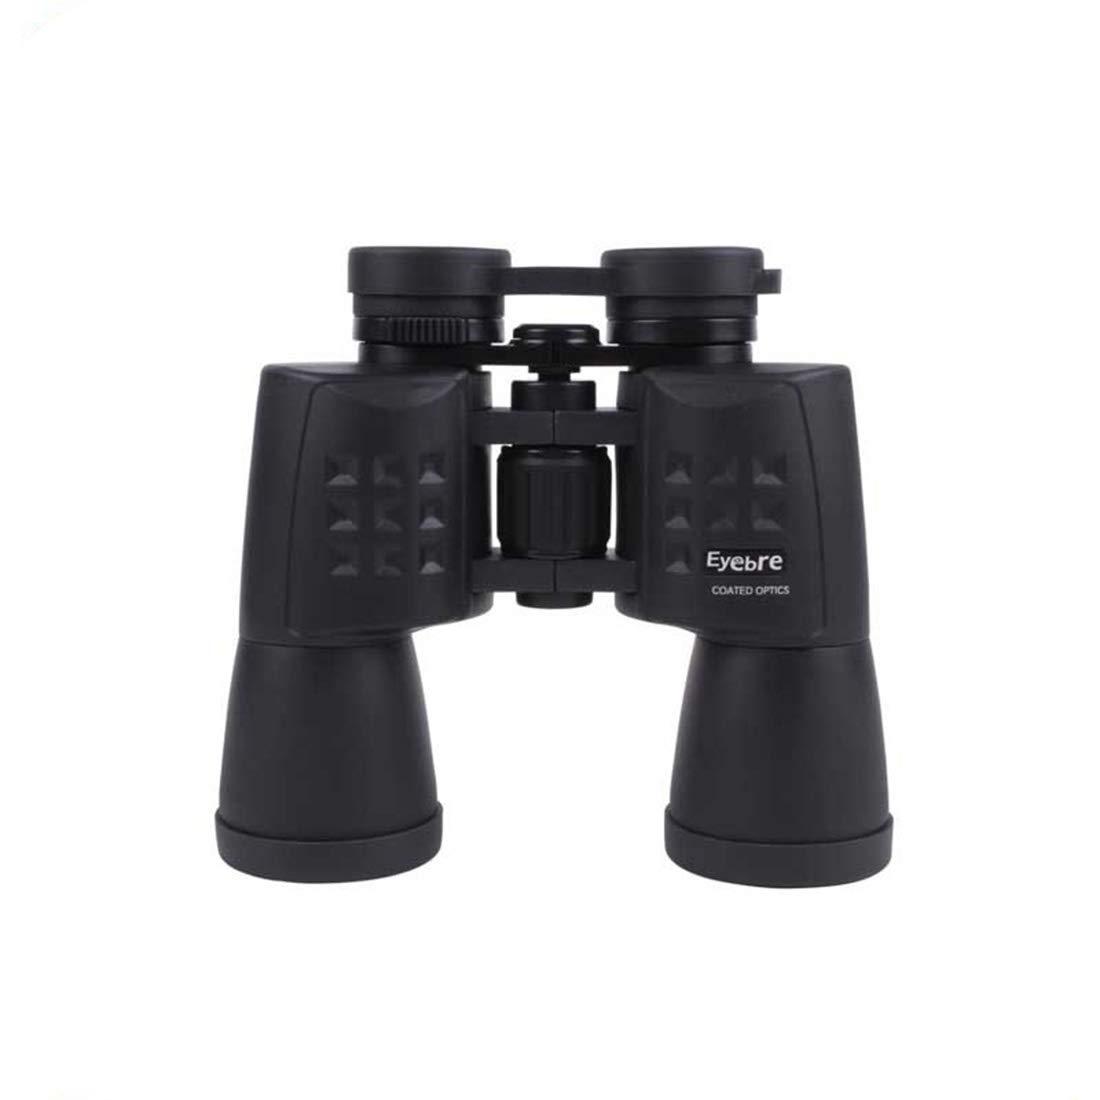 JPAKIOS ハイパワー防水双眼鏡屋外用10X50高精細低照度ナイトビジョン望遠鏡を見る (Color : ブラック) B07PJN34M8 ブラック